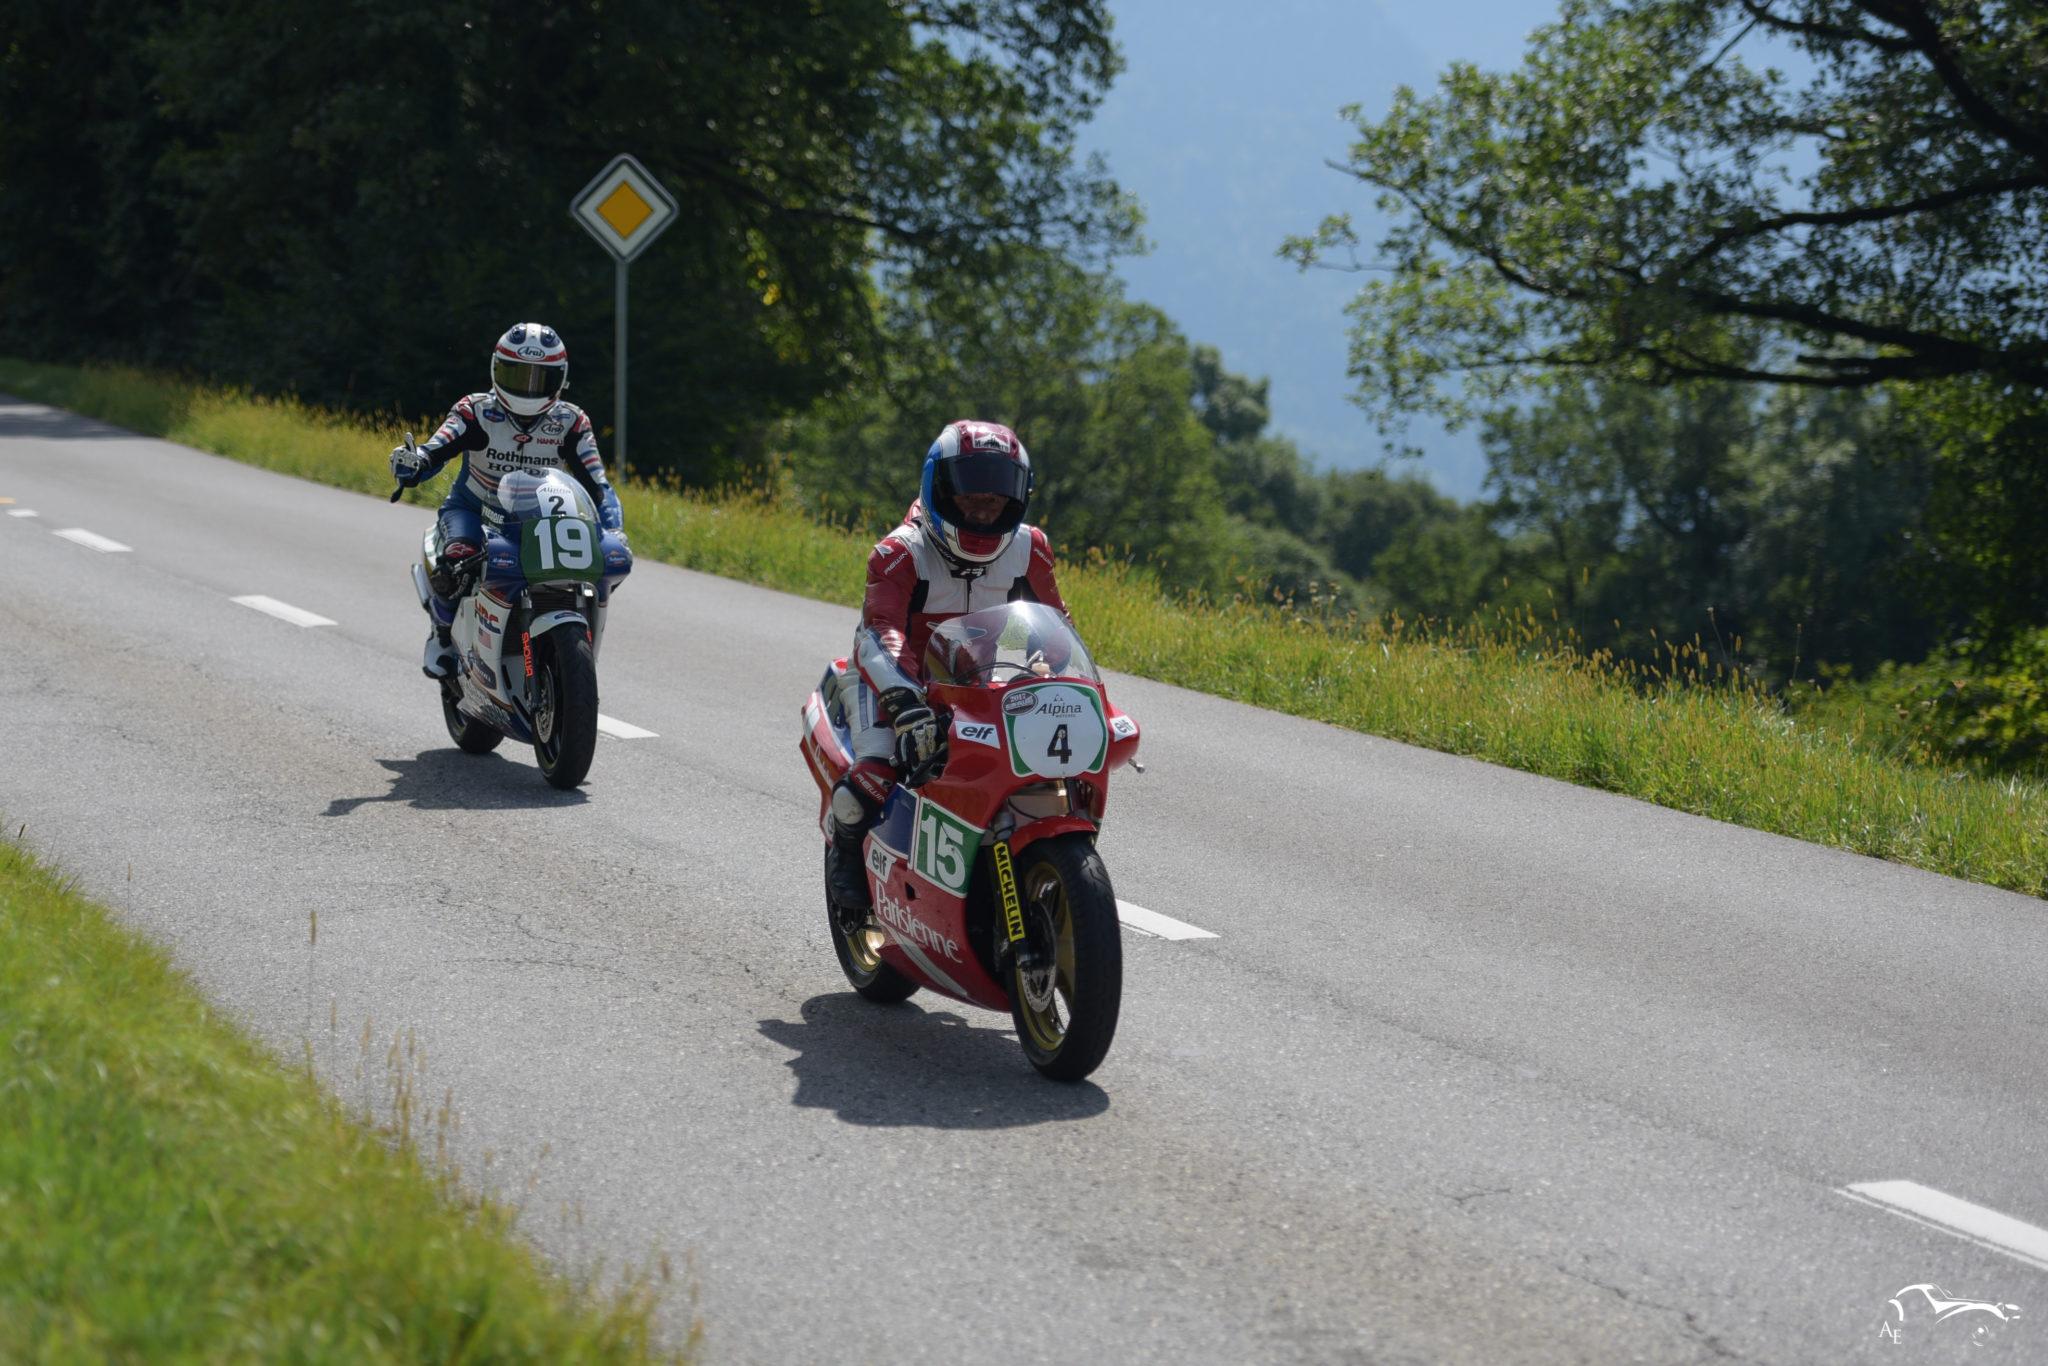 Honda 250 Parisienne 250 cc & Honda 500GP 500 cc